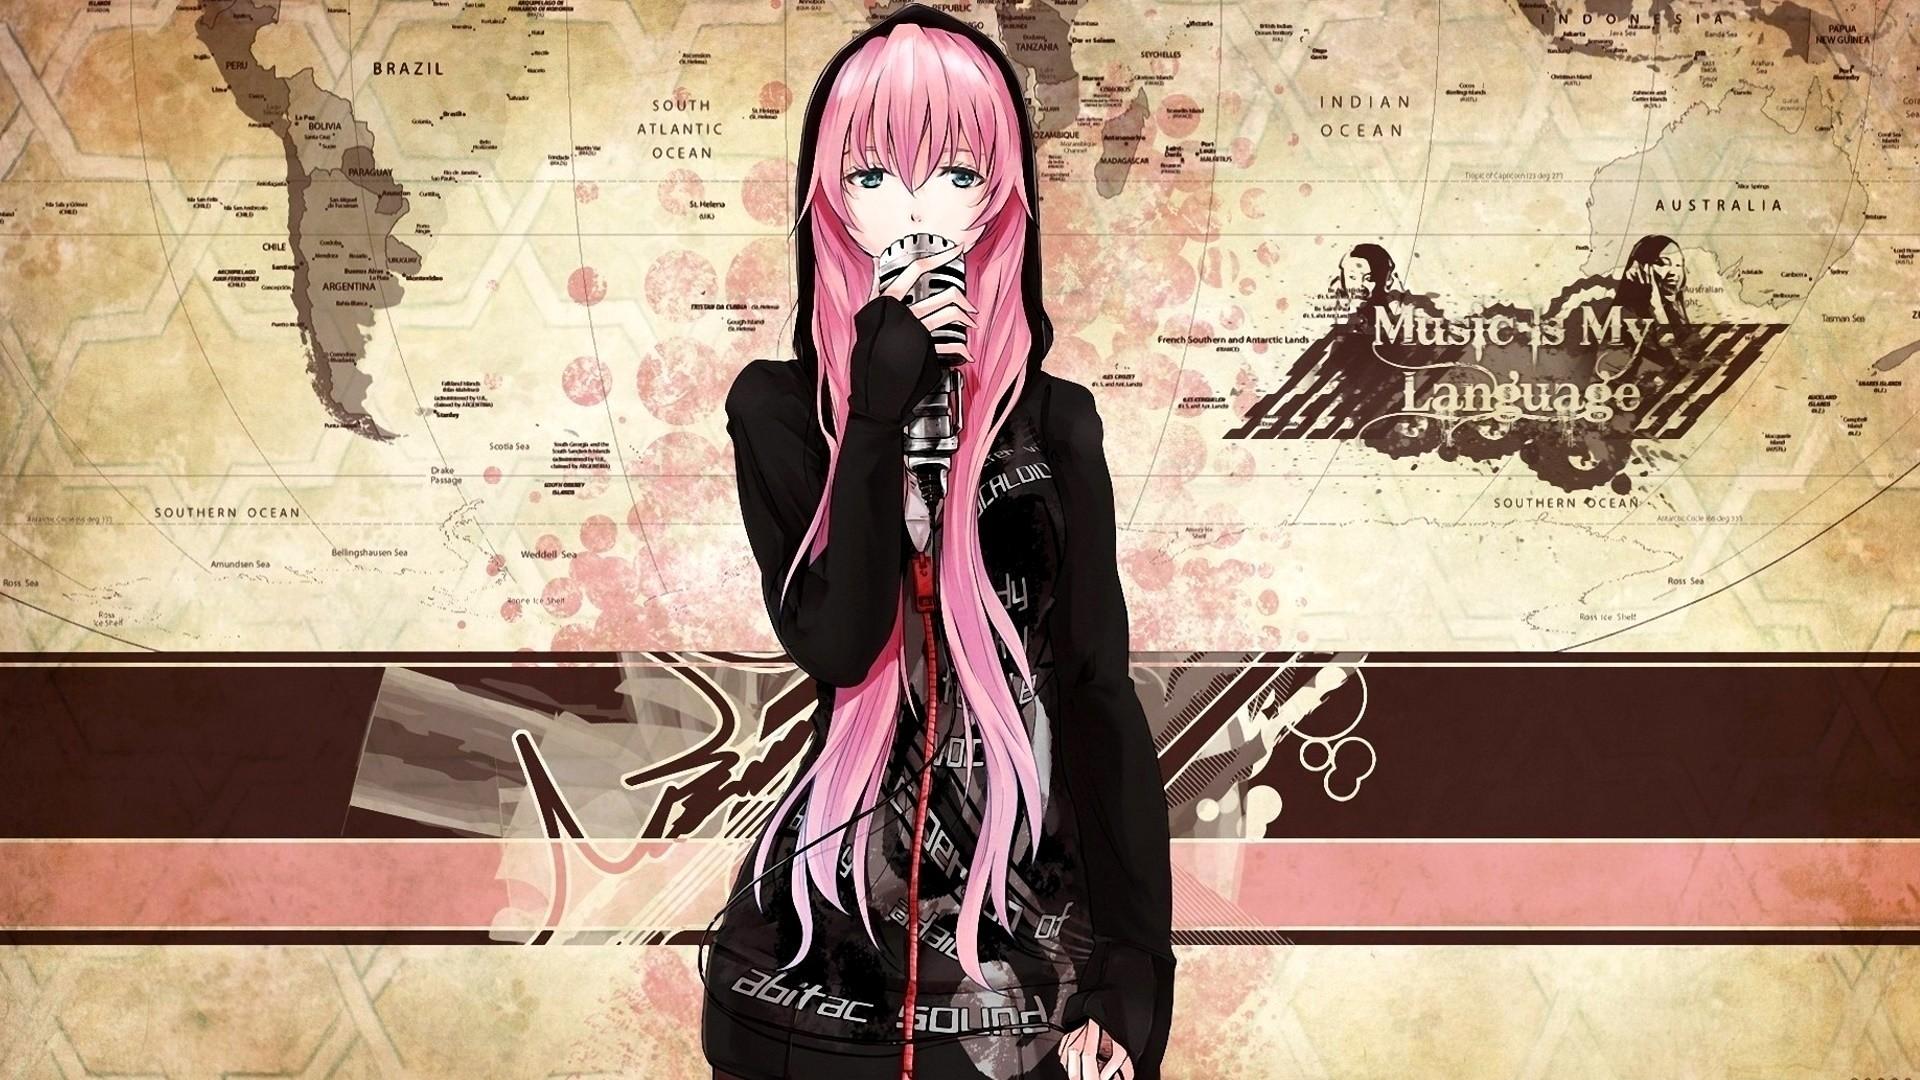 Music Anime Girl Desktop Wallpaper